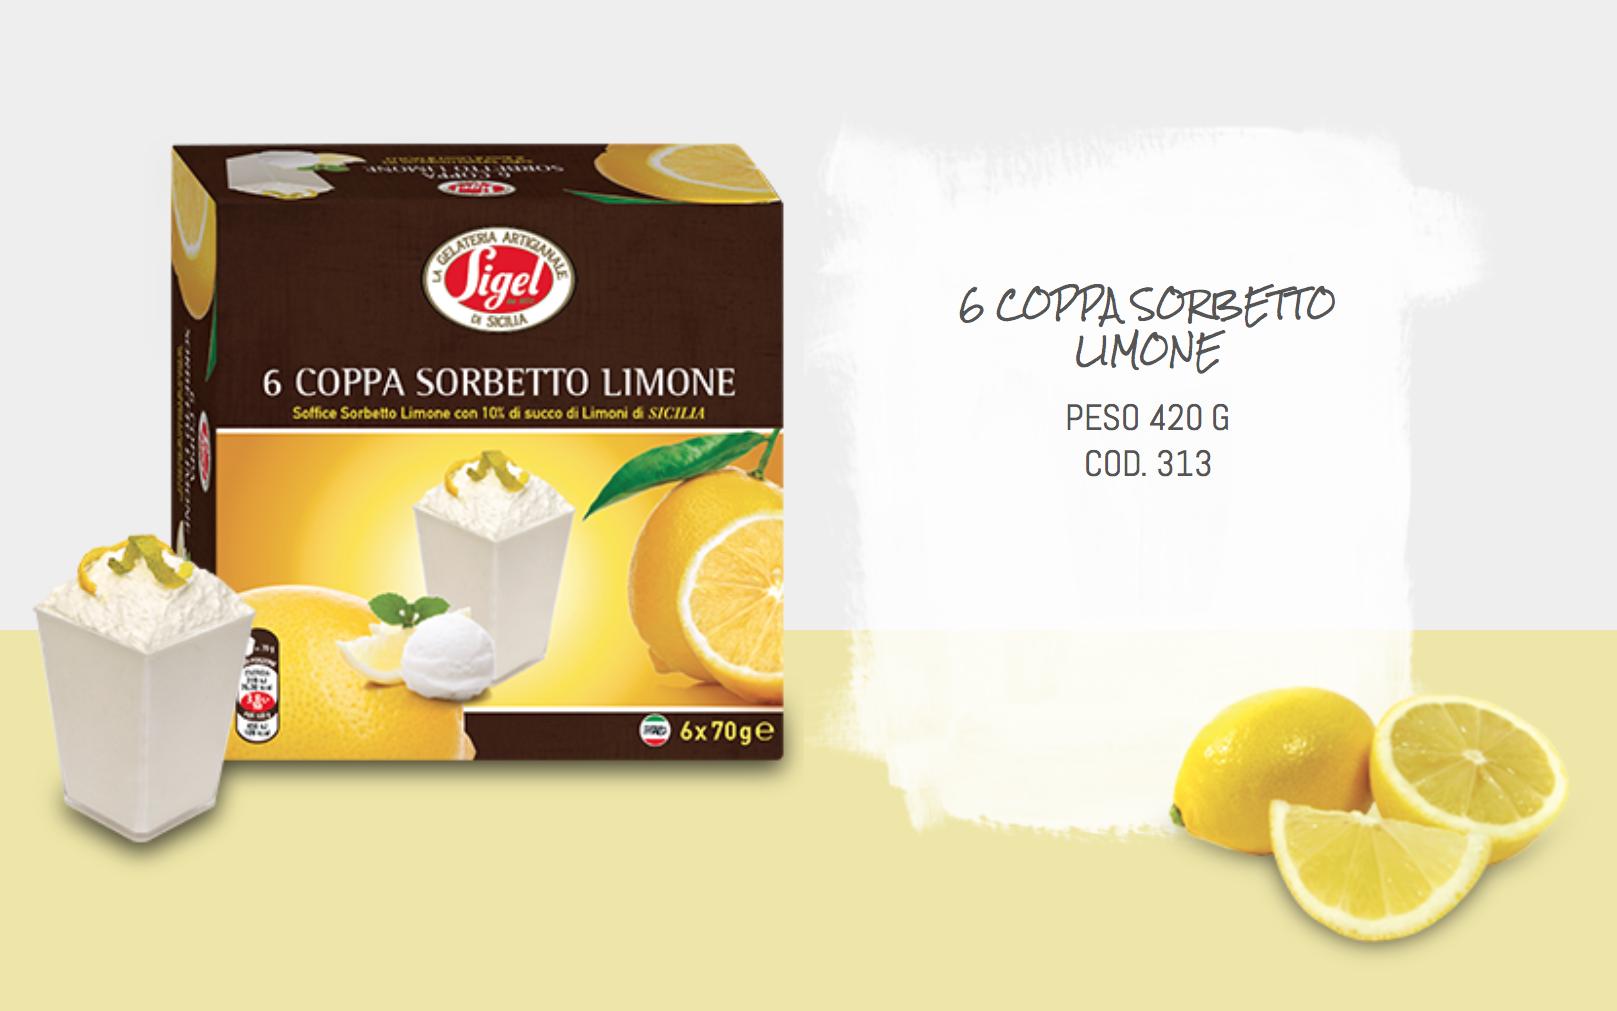 6 Coppa Sorbetto Limone